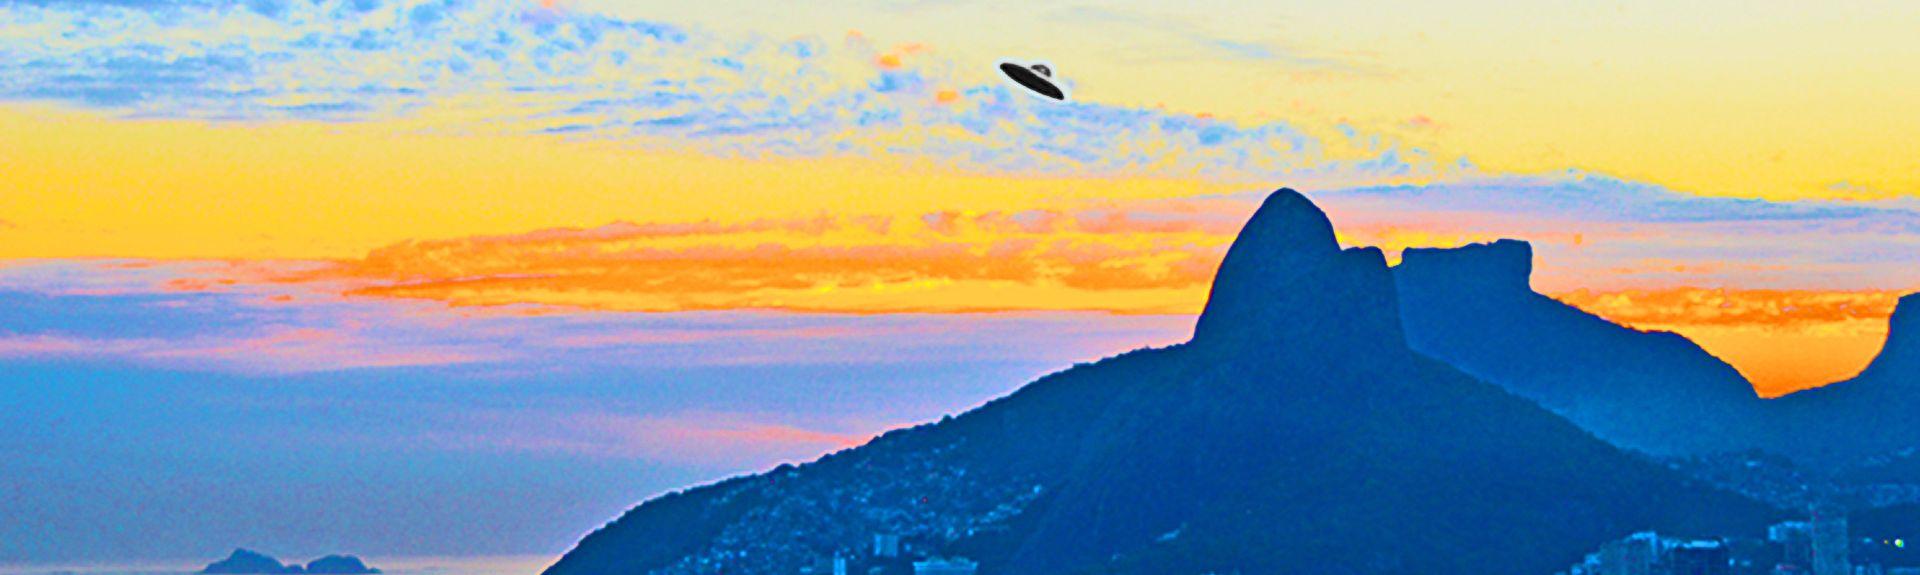 Parque Estadual da Pedra Branca, Rio de Janeiro, Região Sudeste, Brasil